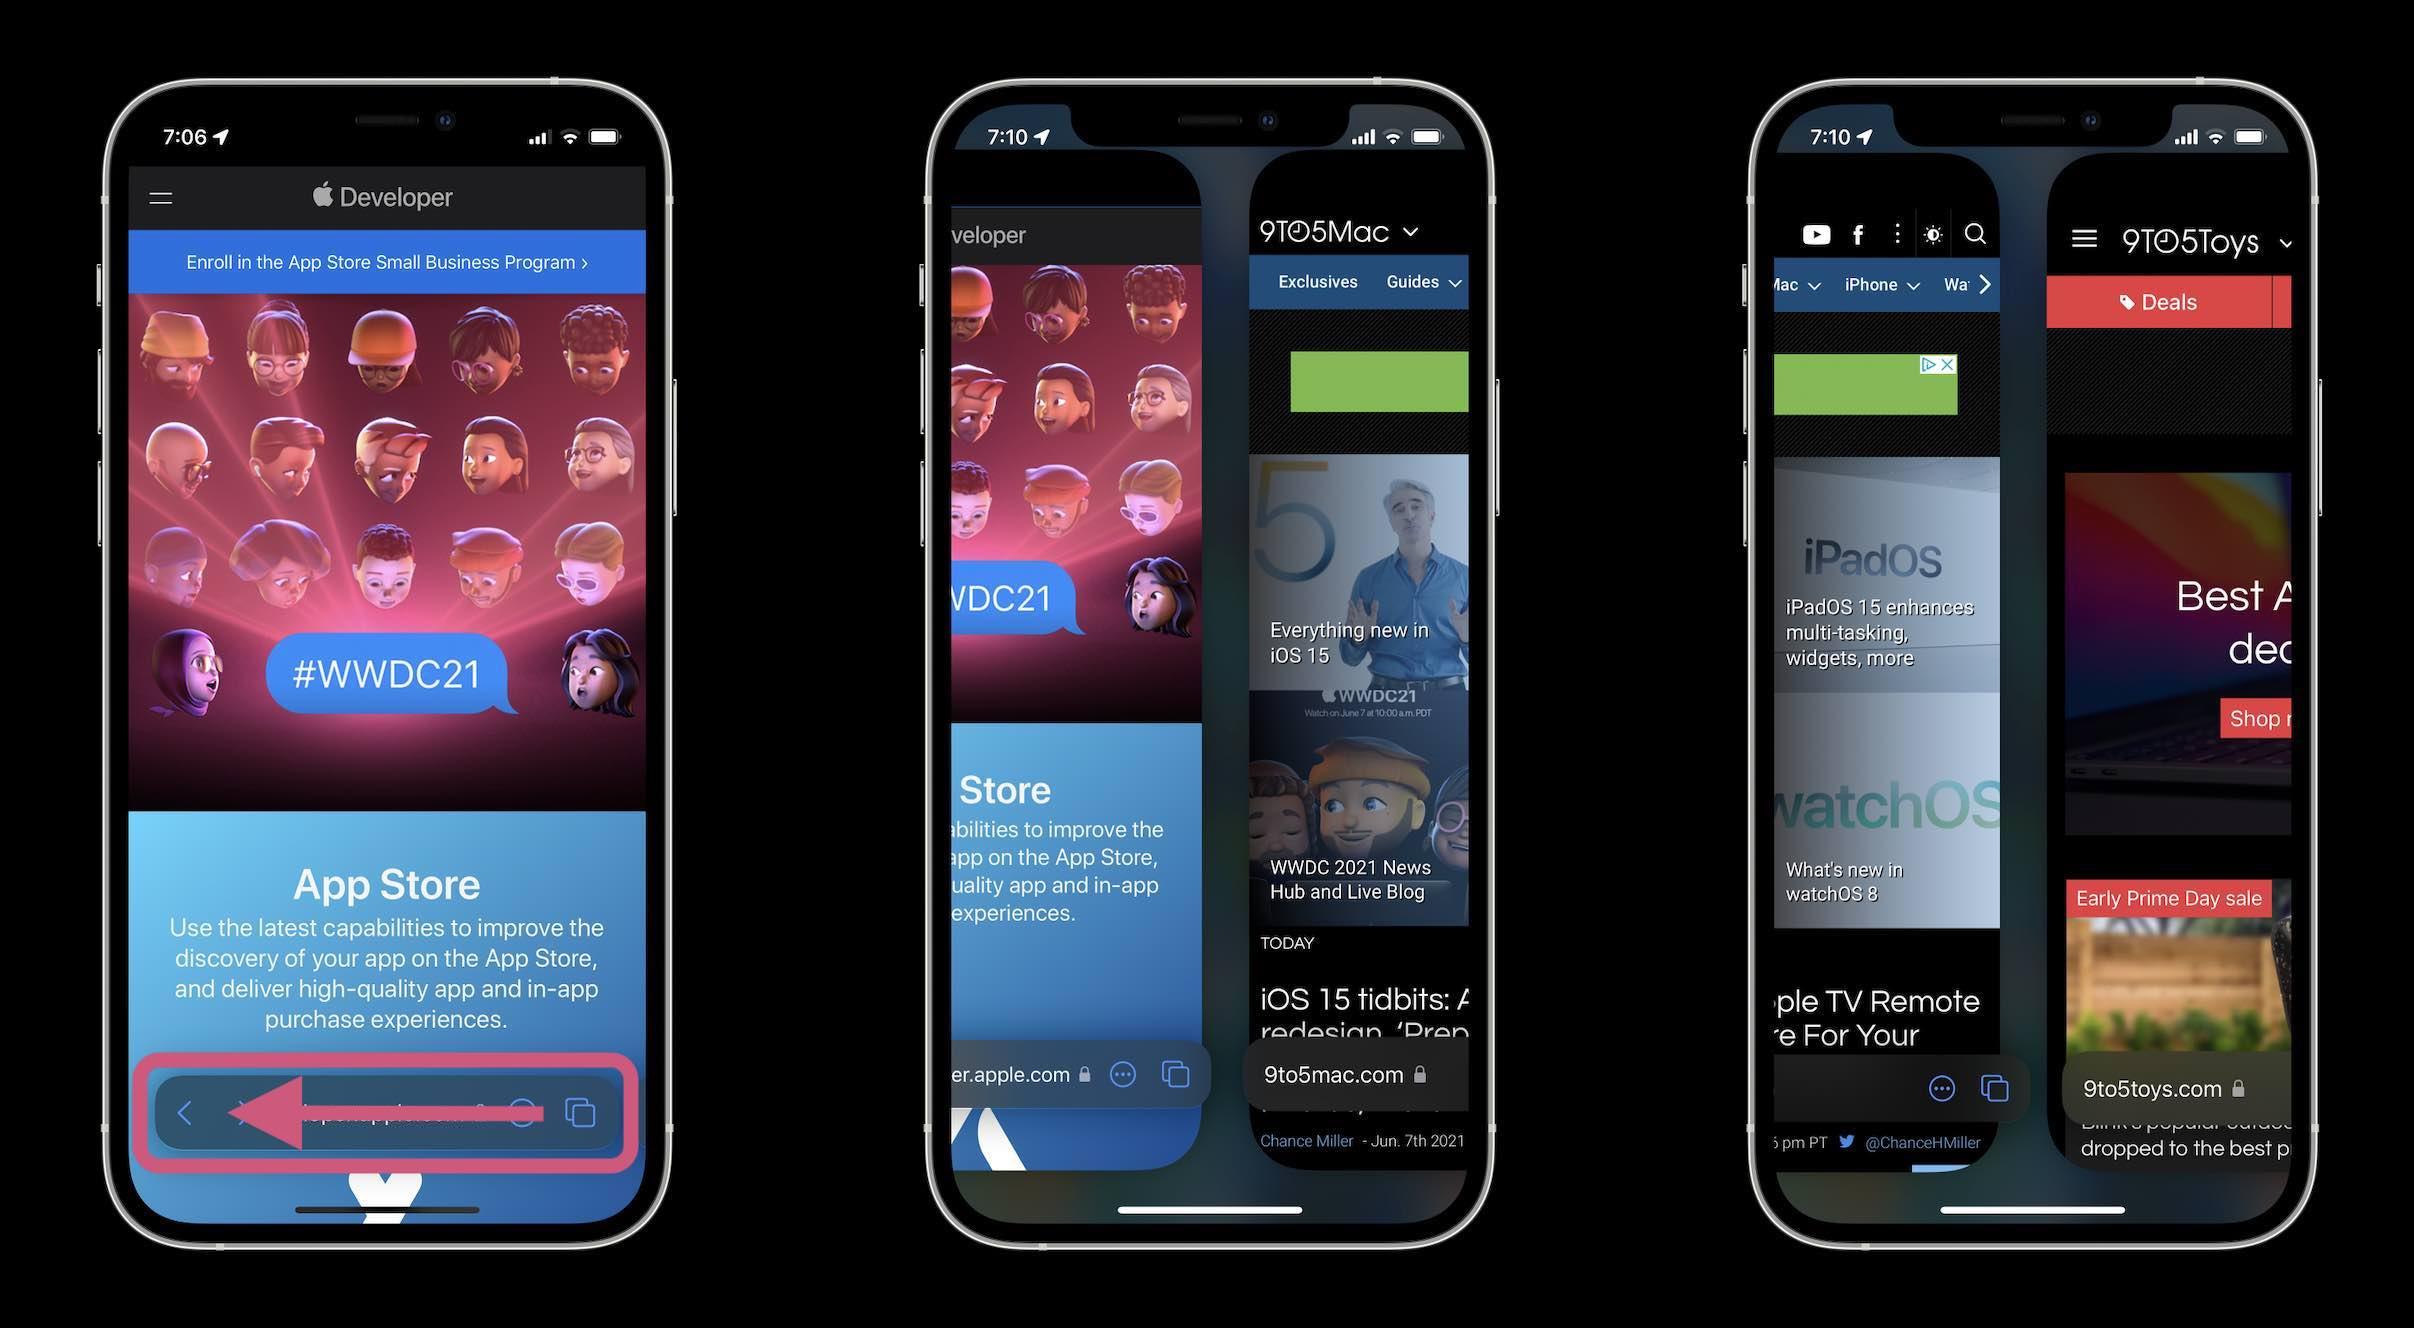 Как работает Safari в iOS 15 - листайте между окнами